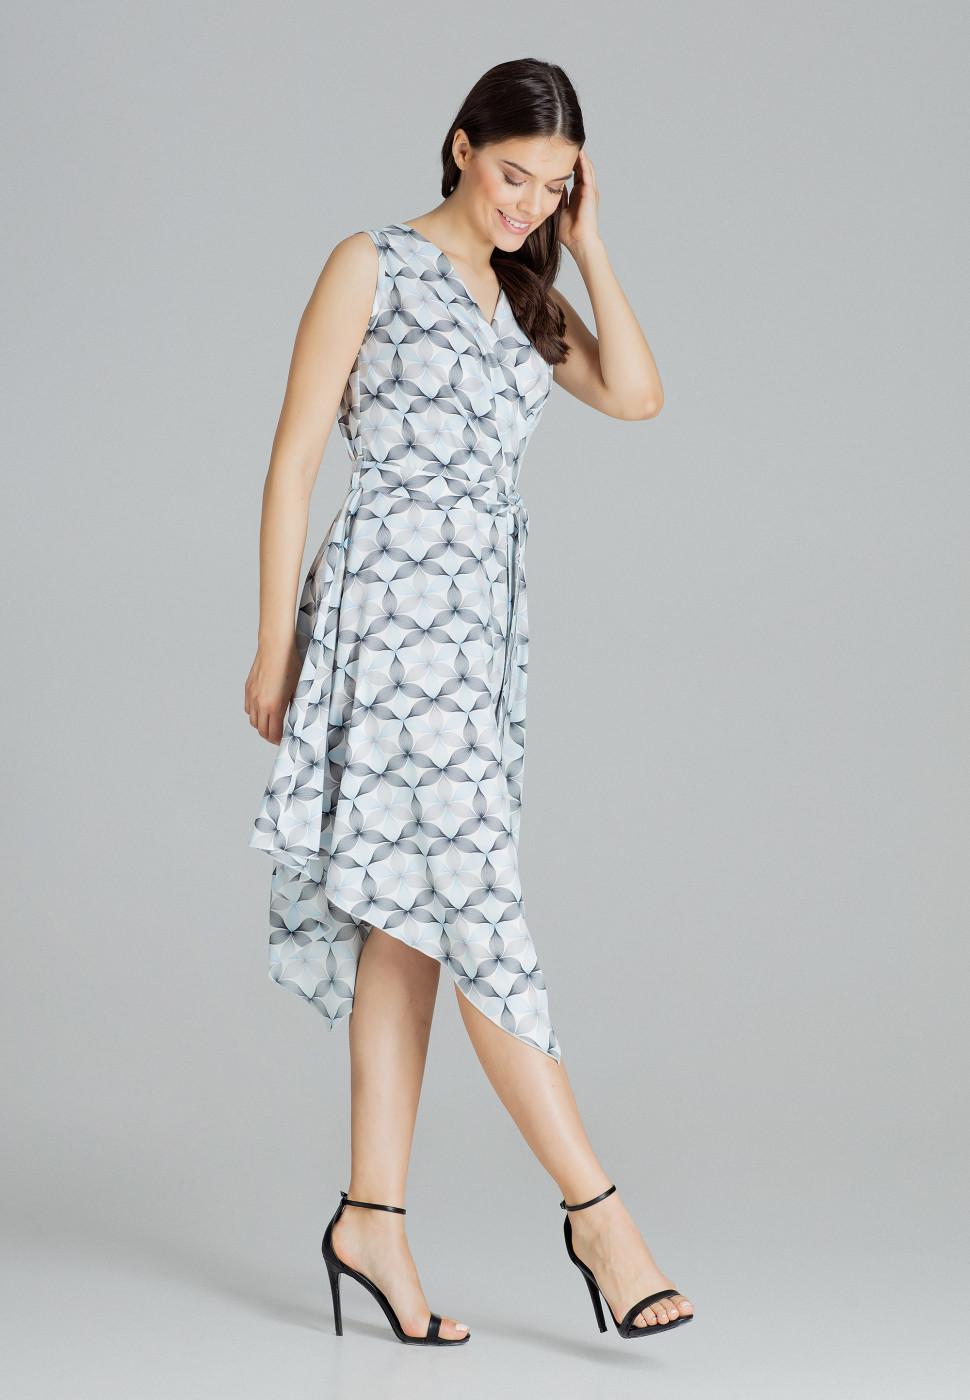 Lenitif Woman's Dress L080